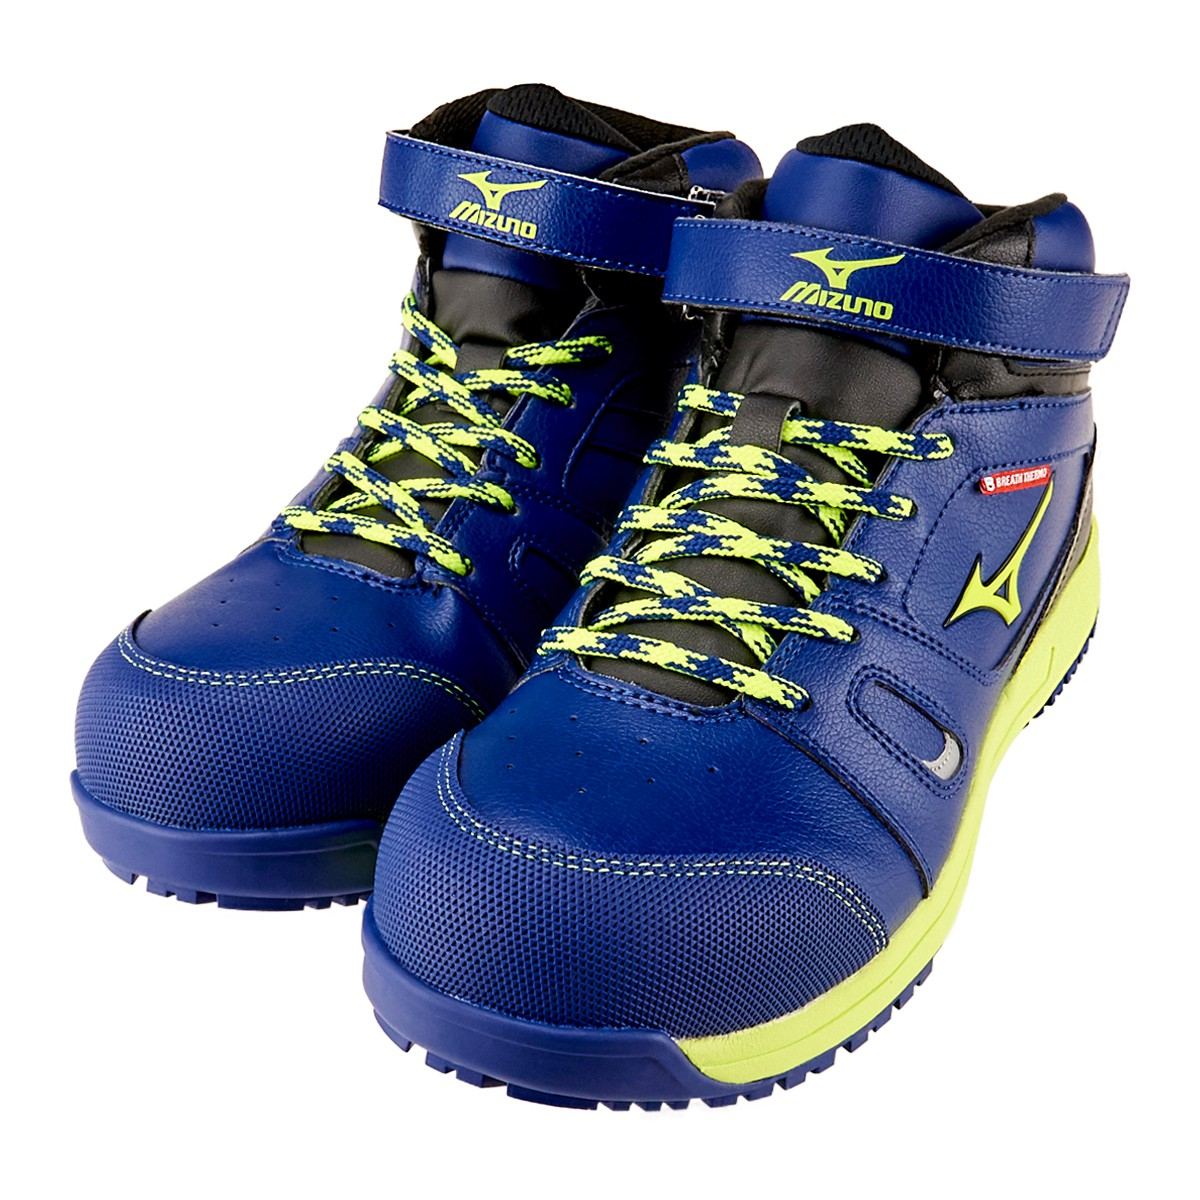 【送料無料 沖縄離島除く】 MIZUNO ミズノ メンズ 安全靴 スニーカータイプ オールマイティサーモ NV14 ネイビー